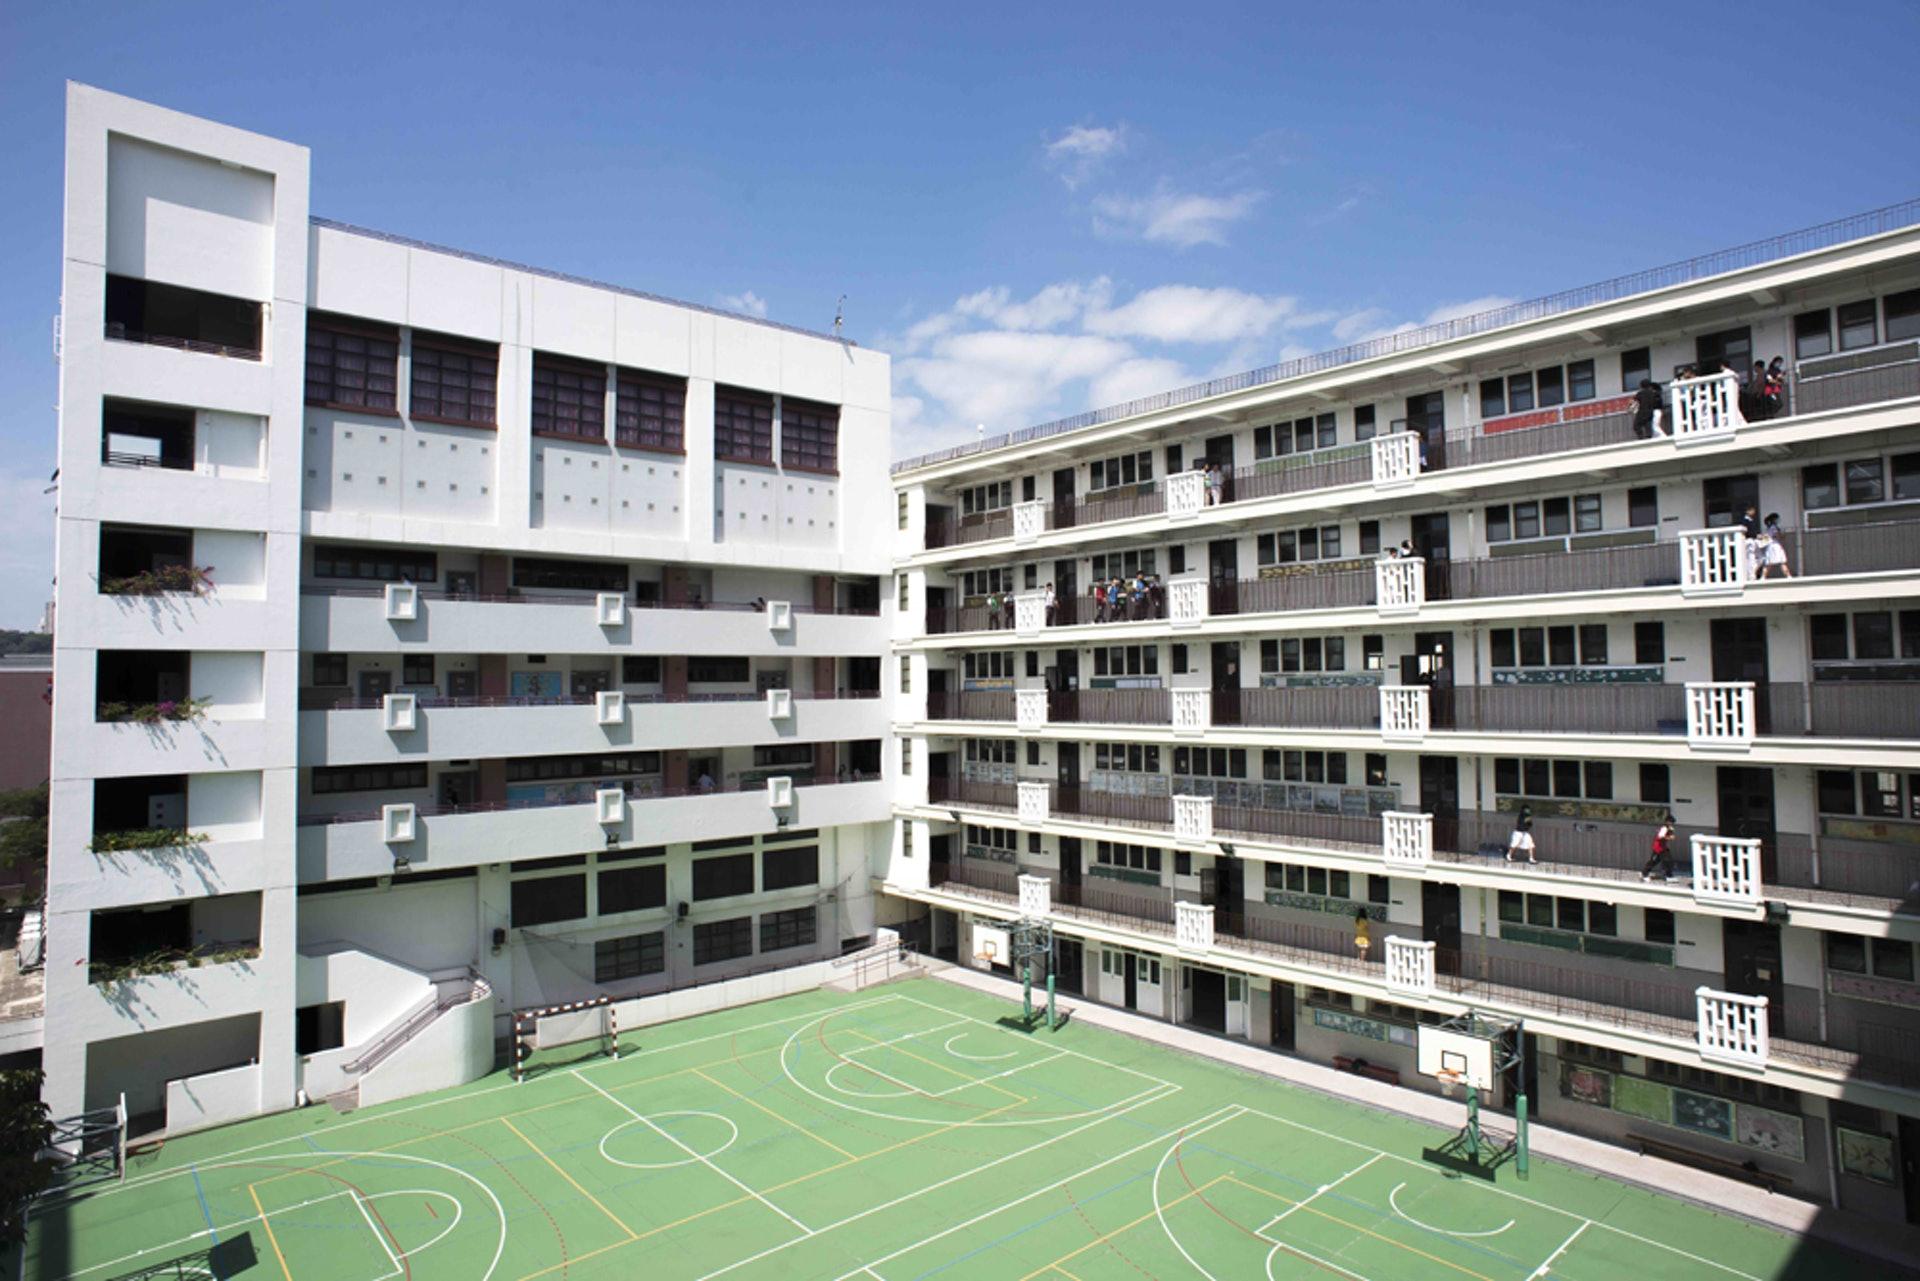 一名何明華會督銀禧中學家長昨日向《香港01》投訴,由於擔憂長洲的登革熱疫情,要求學校延期舉辦或取消宿營活動。(學校網頁圖片)